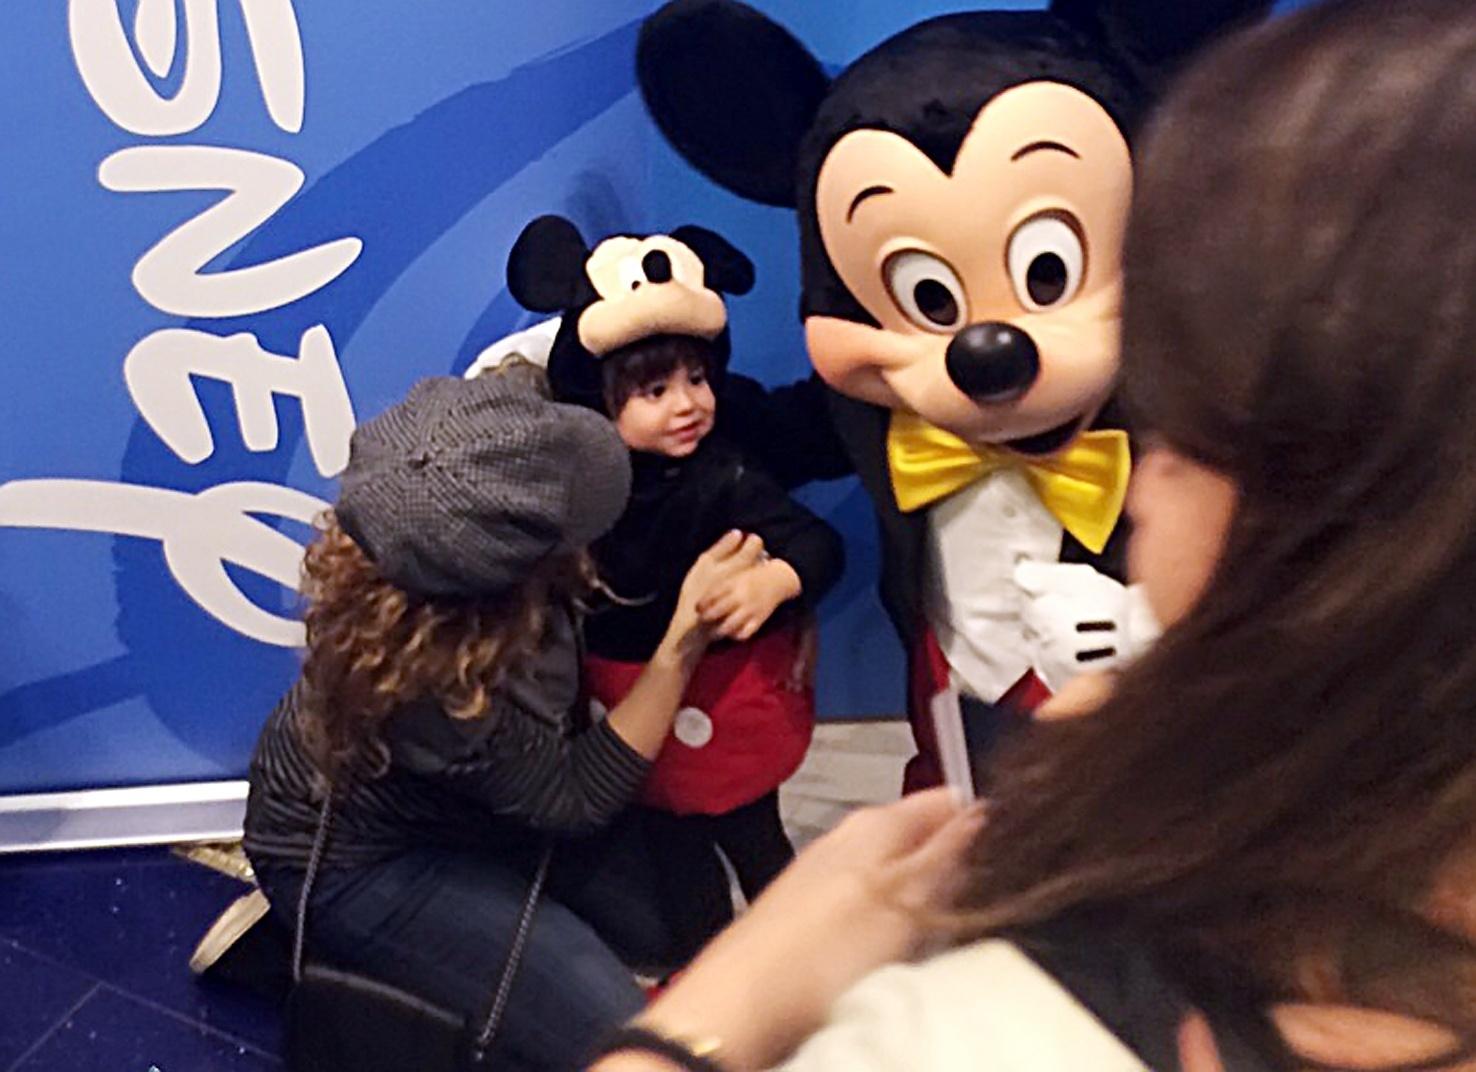 18.nov.2014 - Vestido a caráter, o menino interagiu com o personagem Mickey. Milan completa dois anos em 22 de janeiro de 2015.